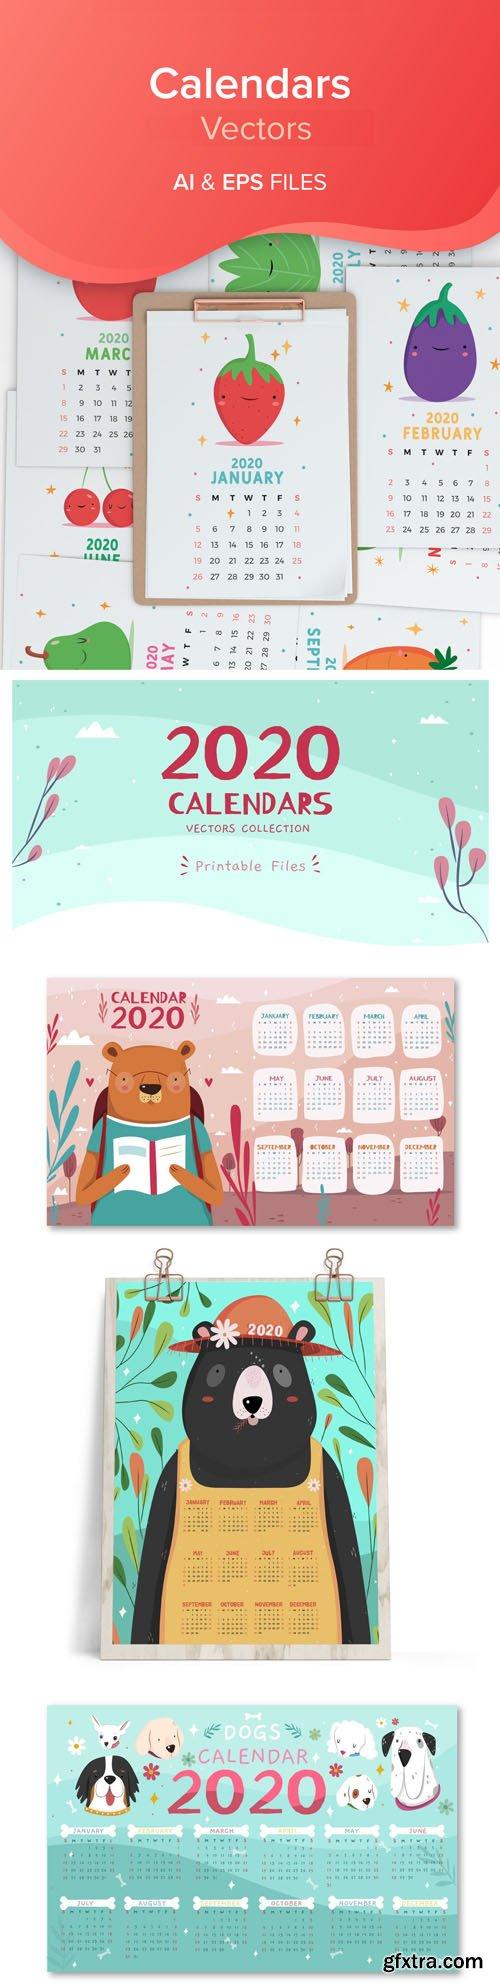 2020 Calendars Vector Collection 2